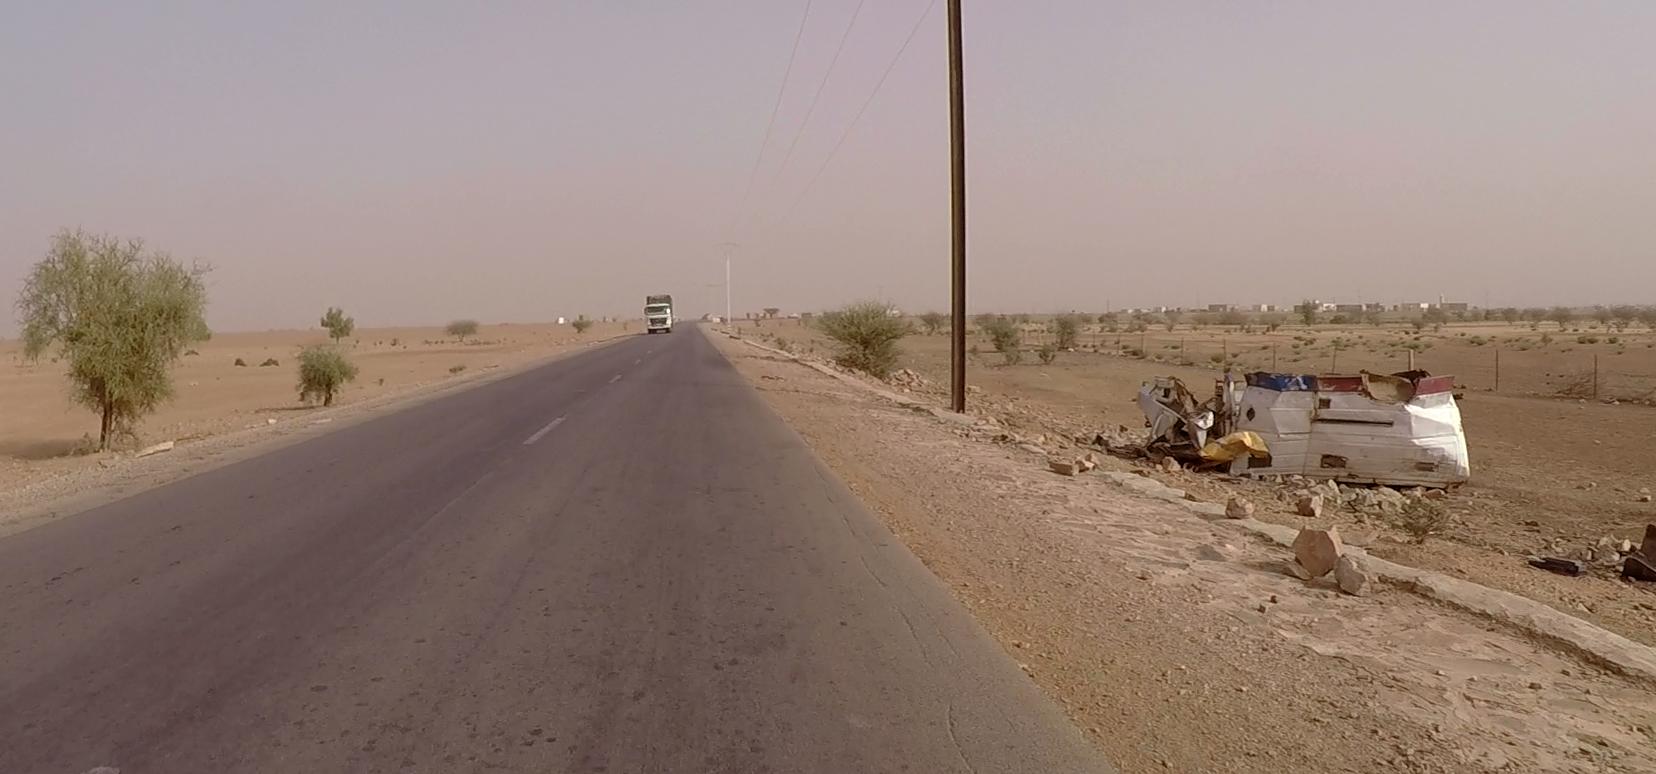 coches rotos mauritania pablocaminante - Mauritania 2/5, de Nouadhibou a Nouakchott